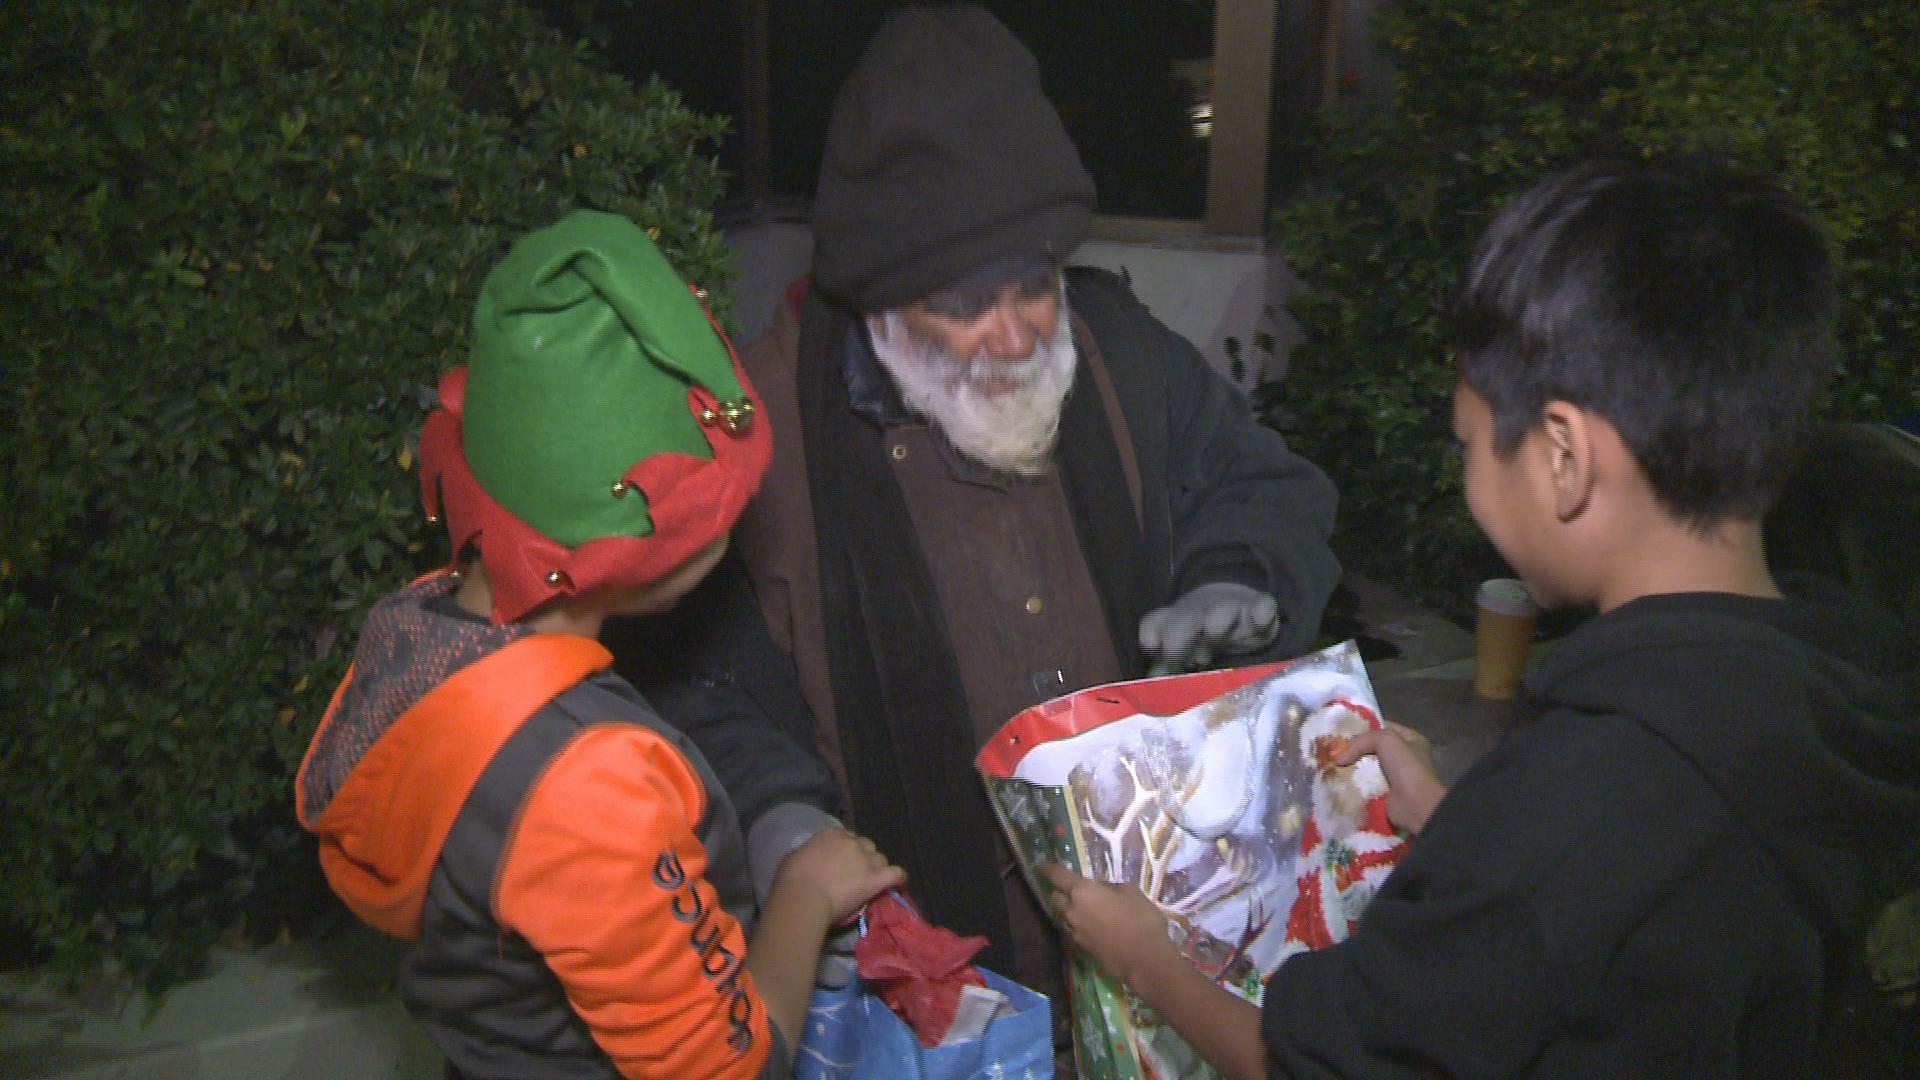 Teens Give Away Christmas Gifts To Sacramento Homeless